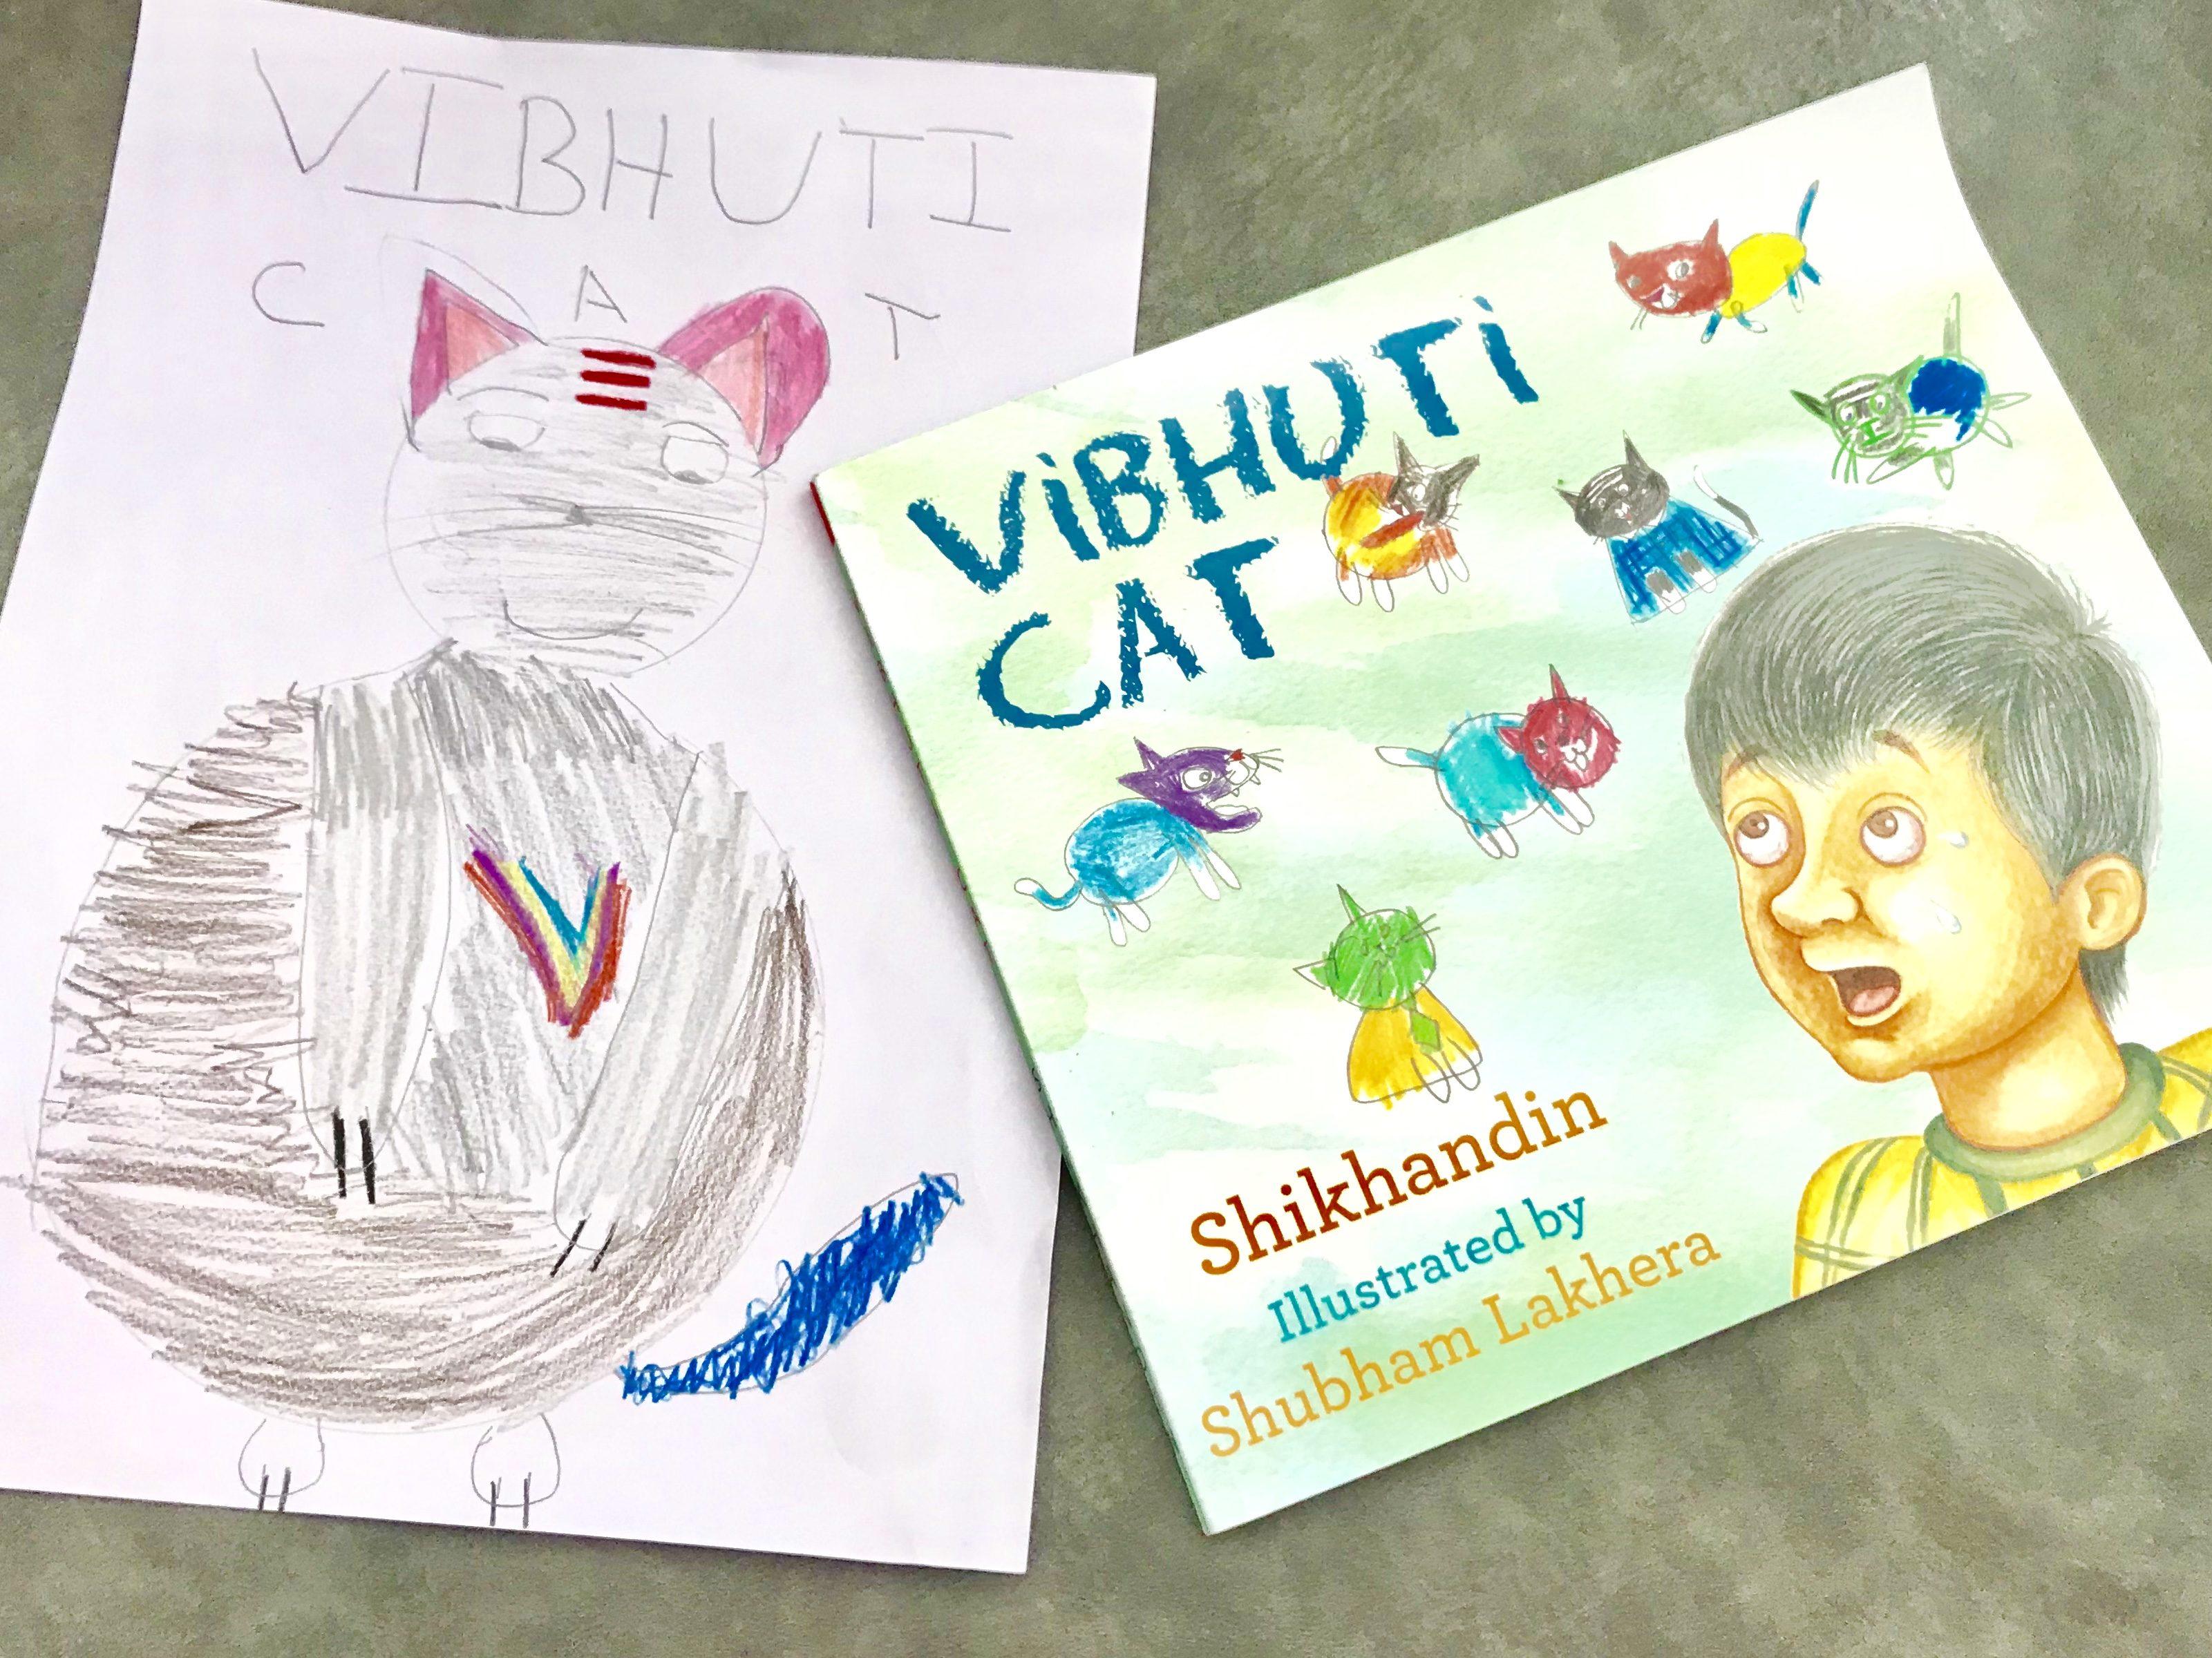 Vibhuti Cat by Shikhandin